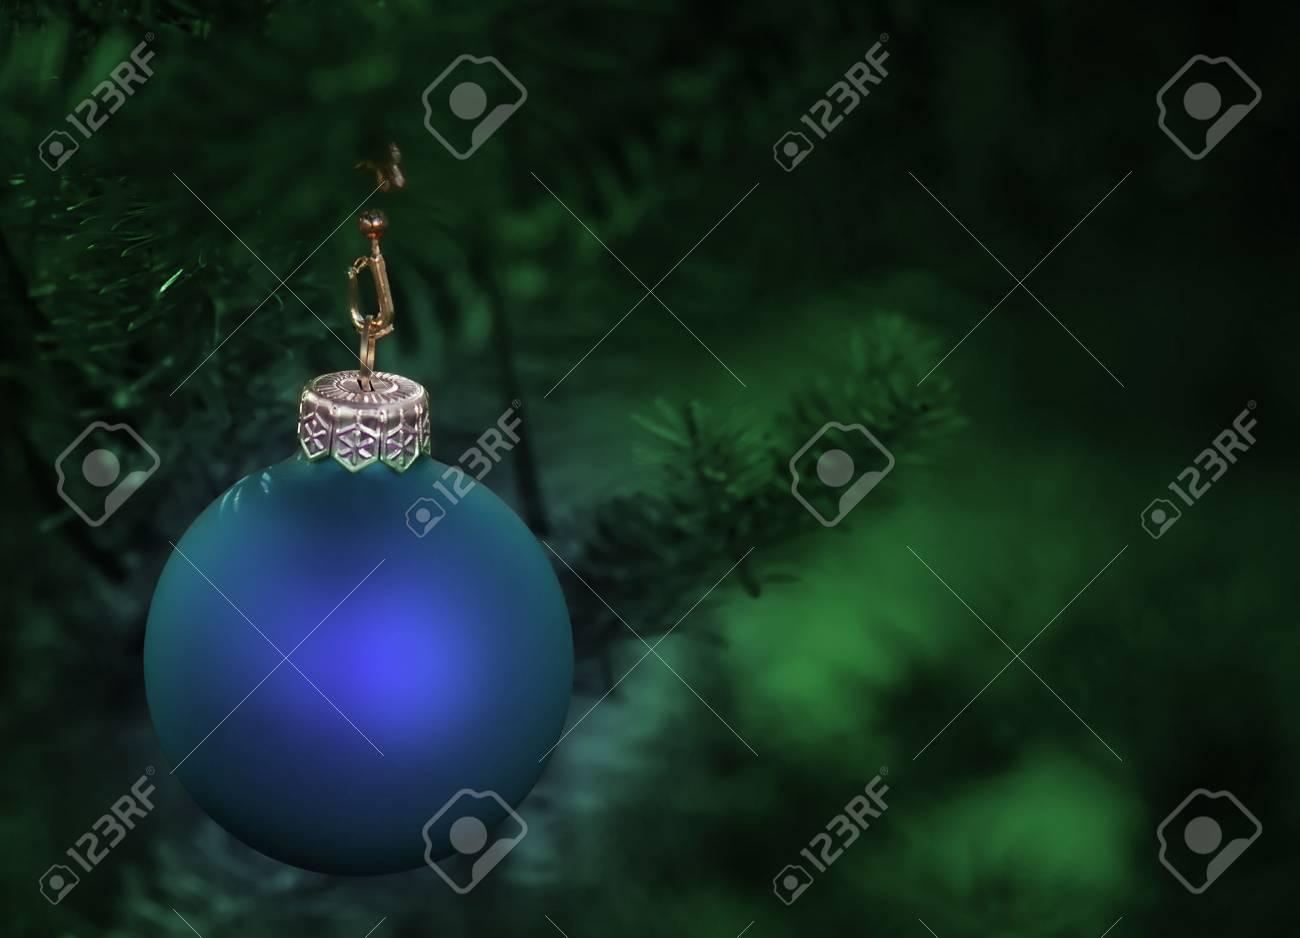 Albero Di Natale Con Decorazioni Blu : Albero di natale decorato con un blu bauble foto royalty free